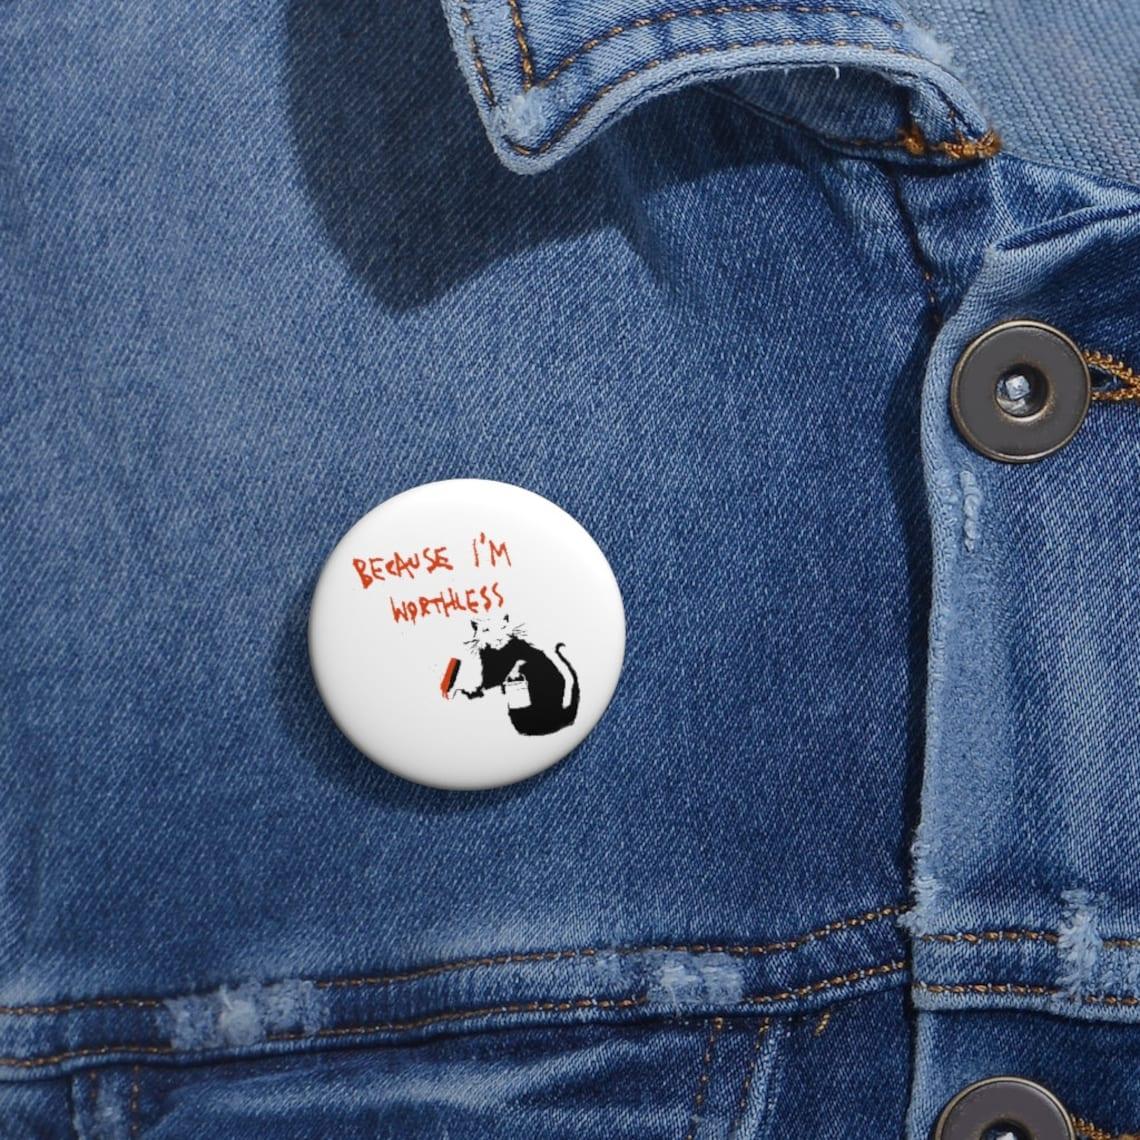 Banksy Pin Parce que je suis sans valeur   Etsy